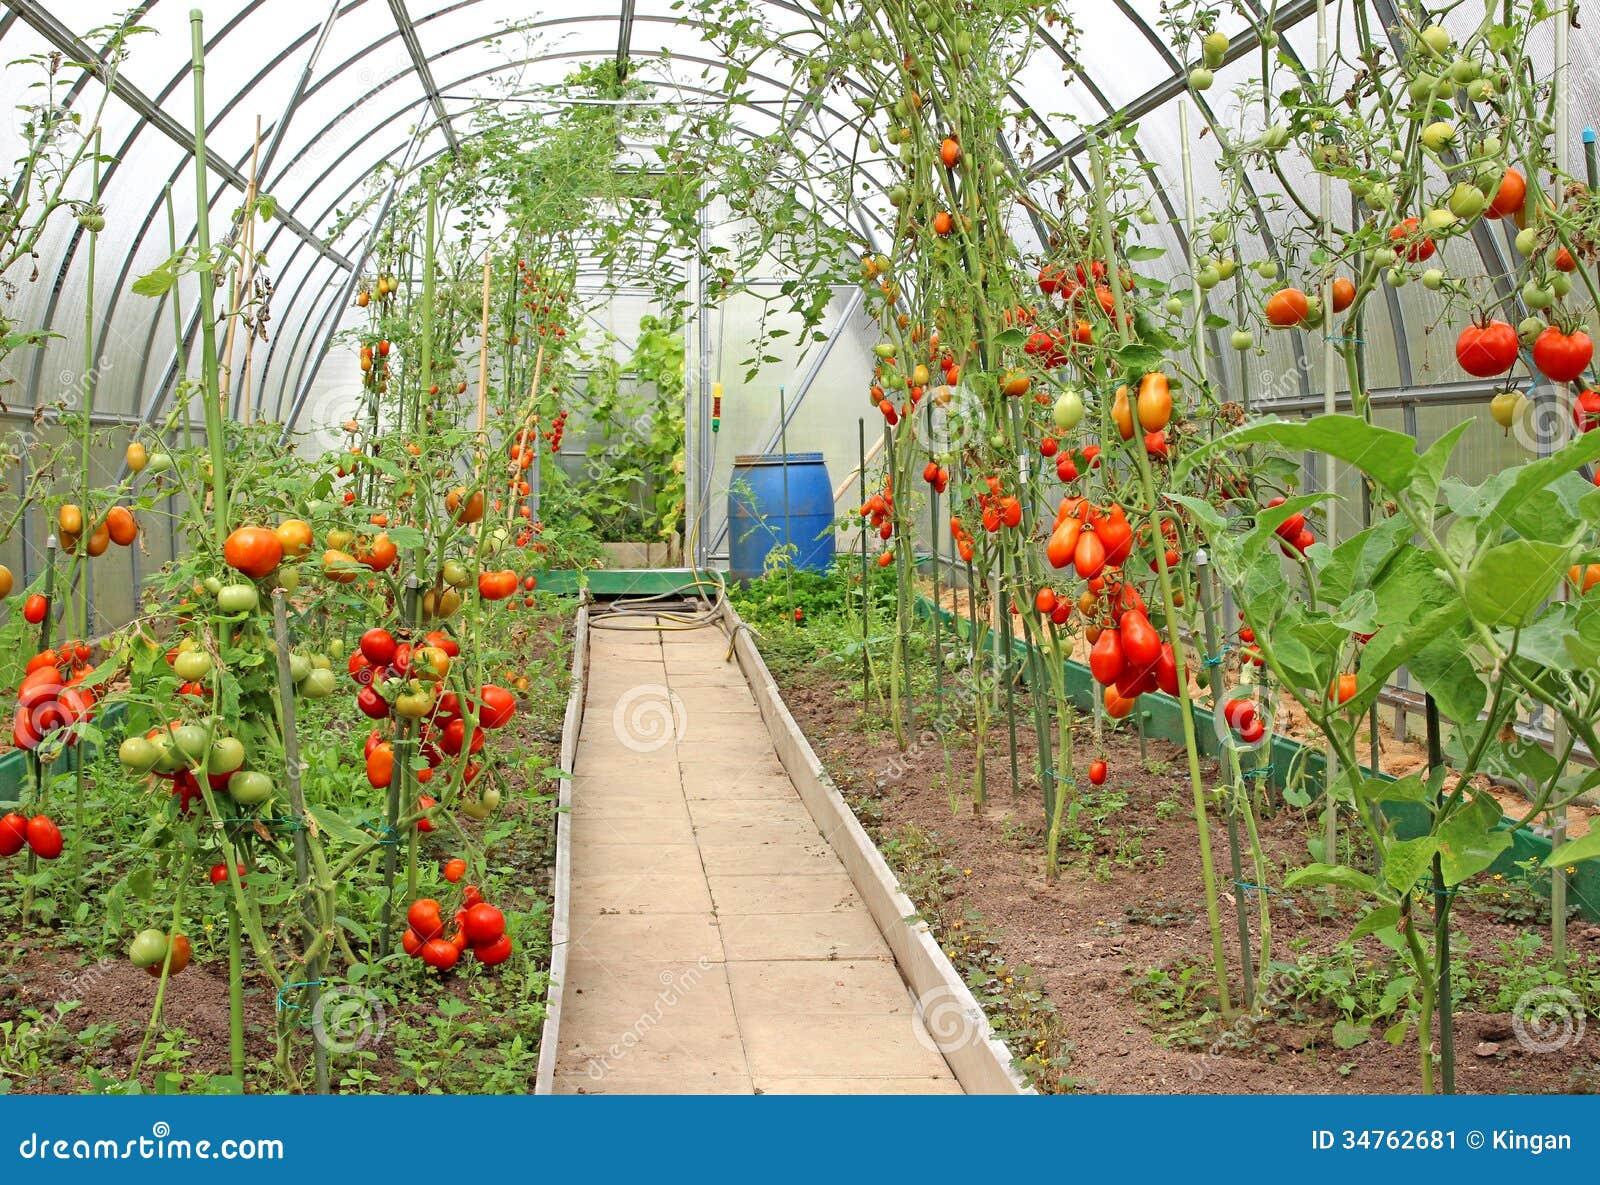 Что сделать чтобы зелёные помидоры покраснели? 14